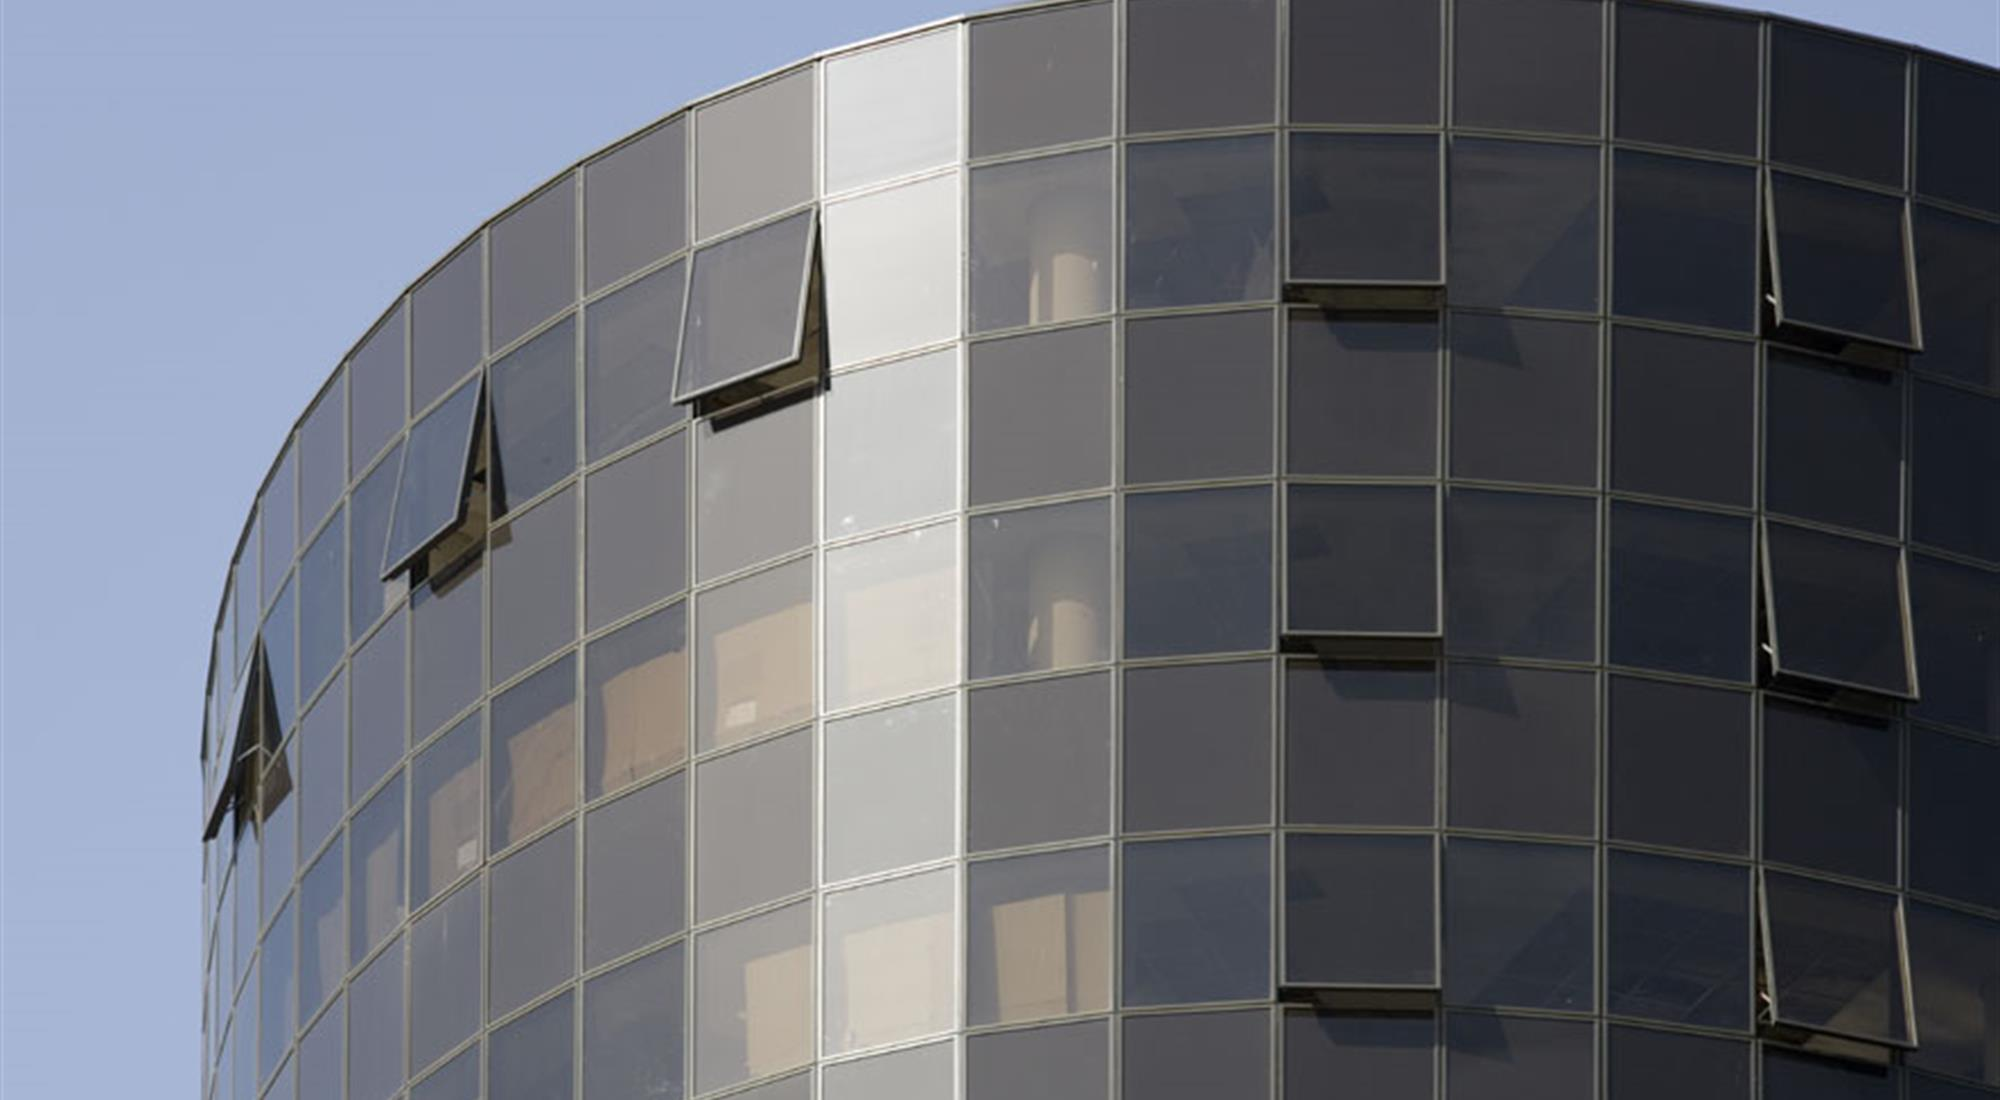 https://alukoenigstahl.mk/wp-content/uploads/2020/08/2009-11-Almeria-Tower-Zagreb-15.jpg